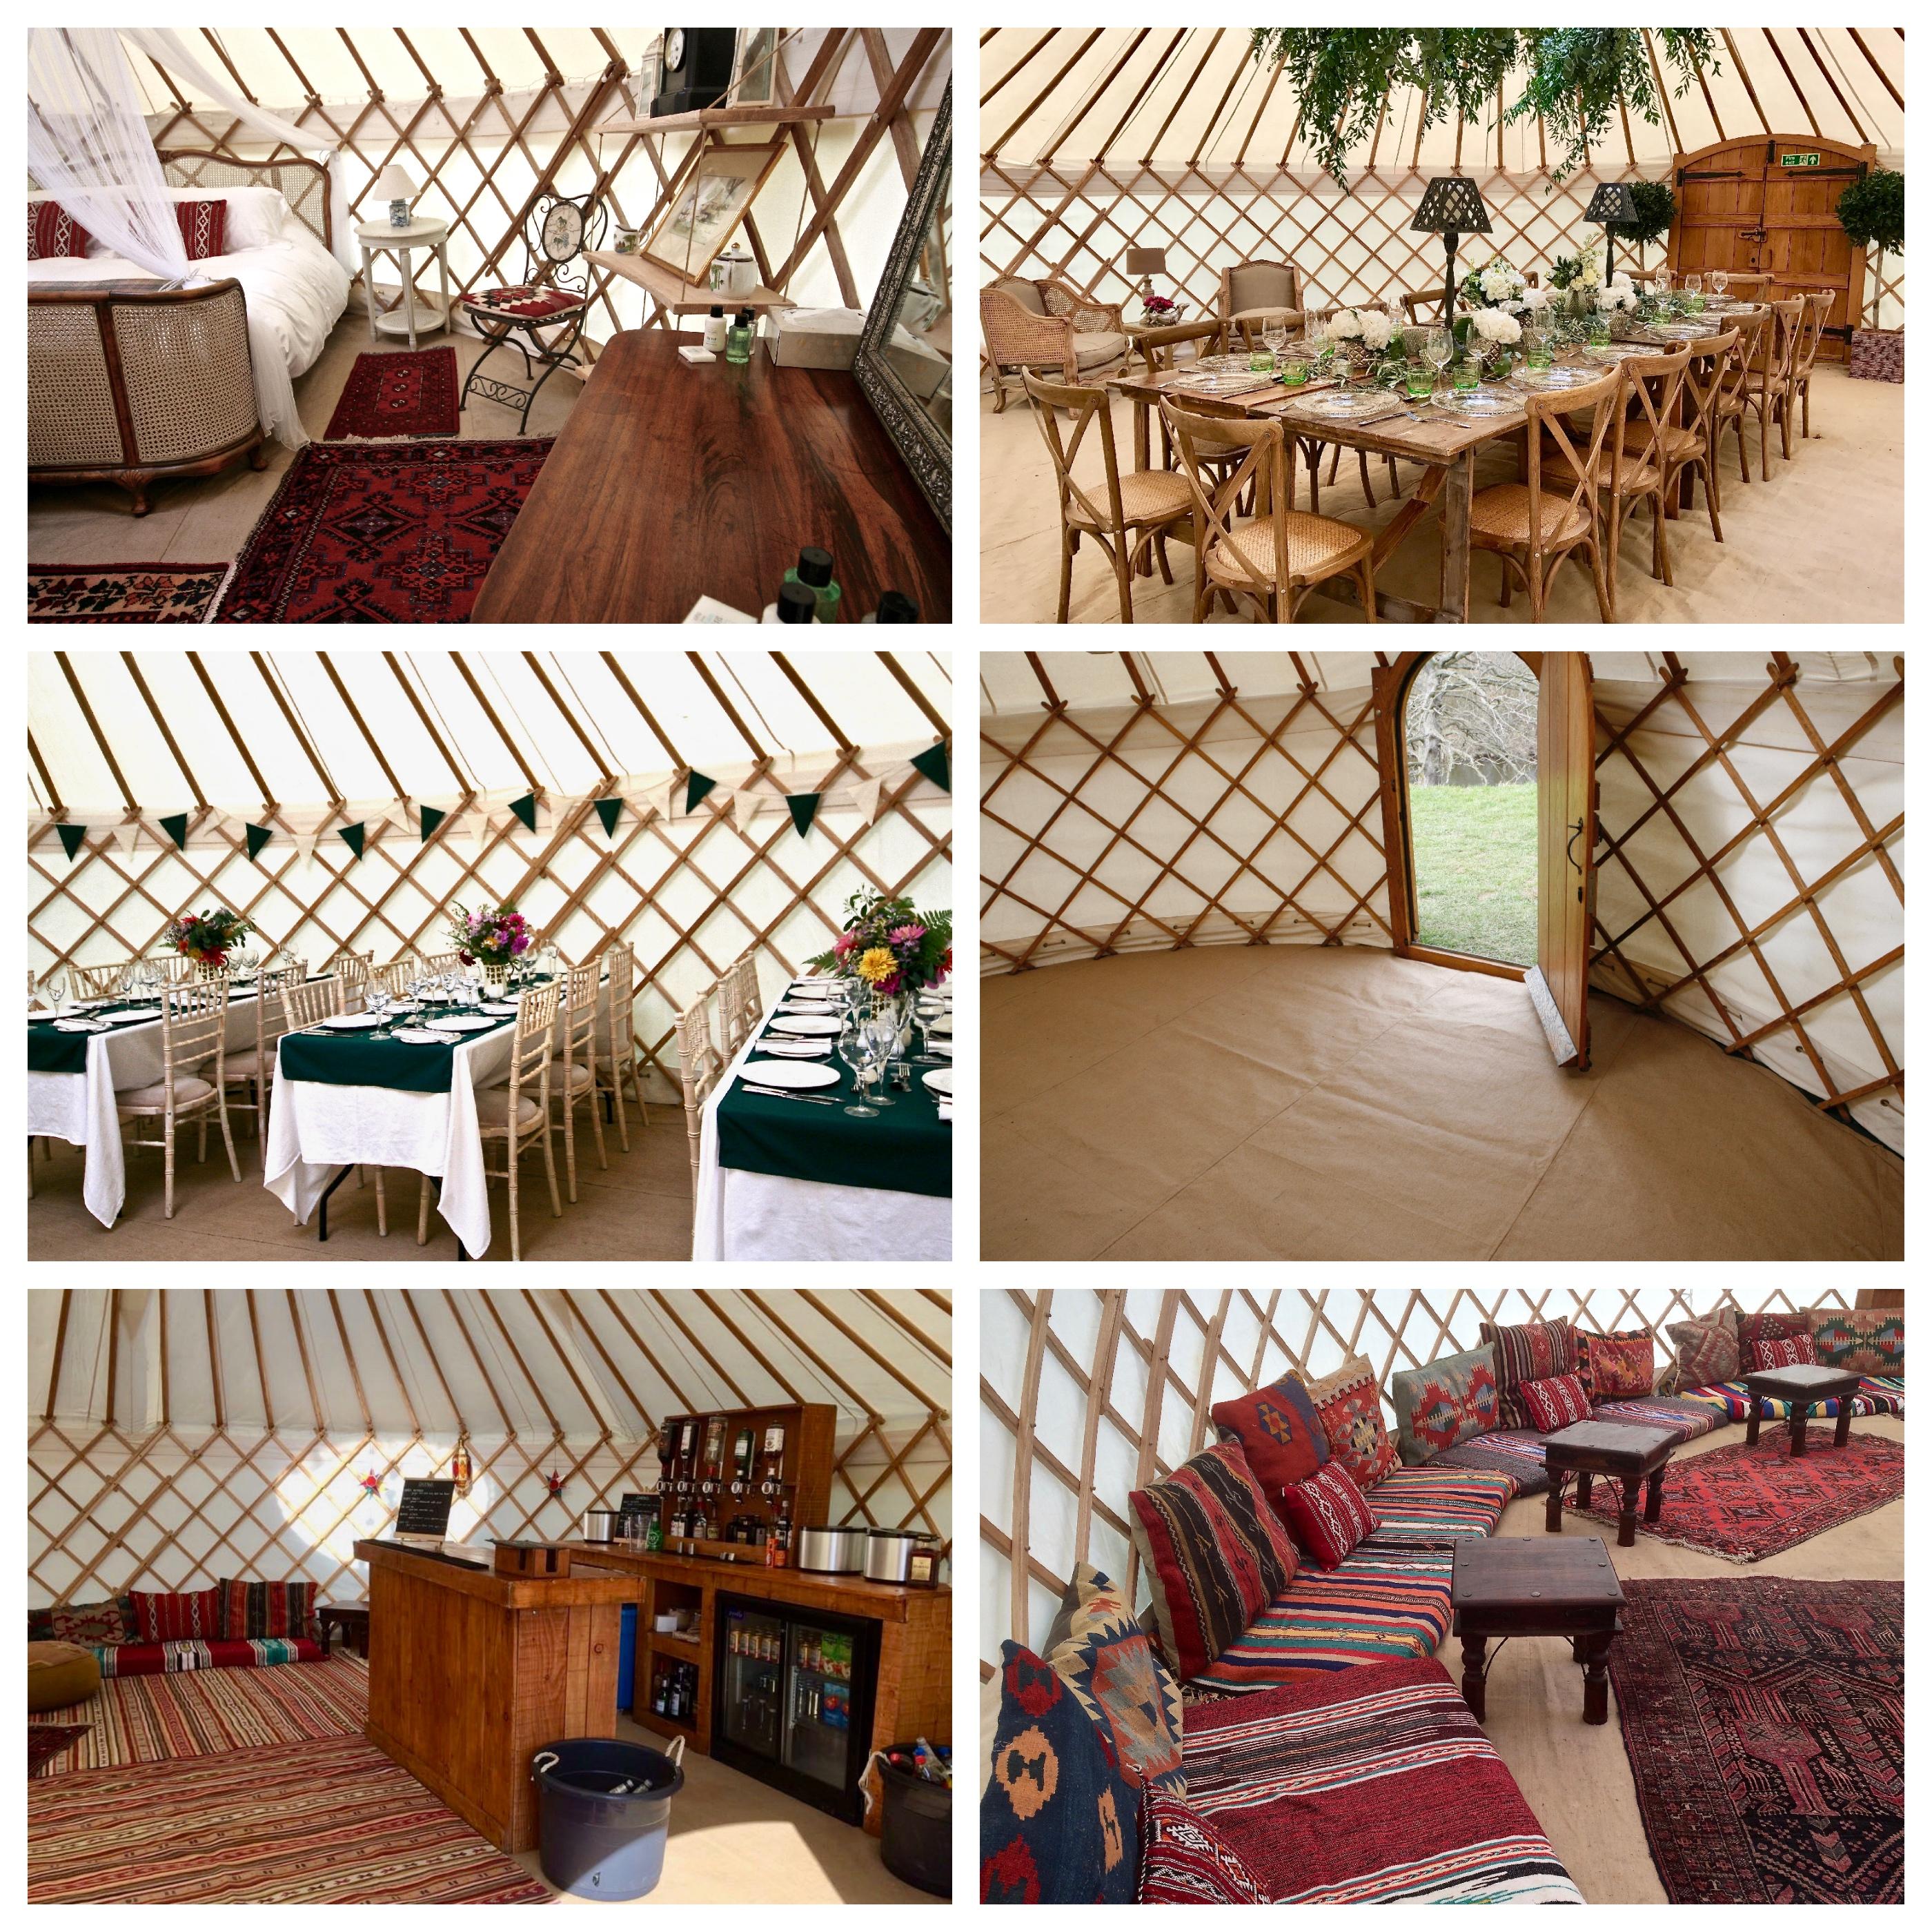 Yurt Interiors Roundhouse Yurts